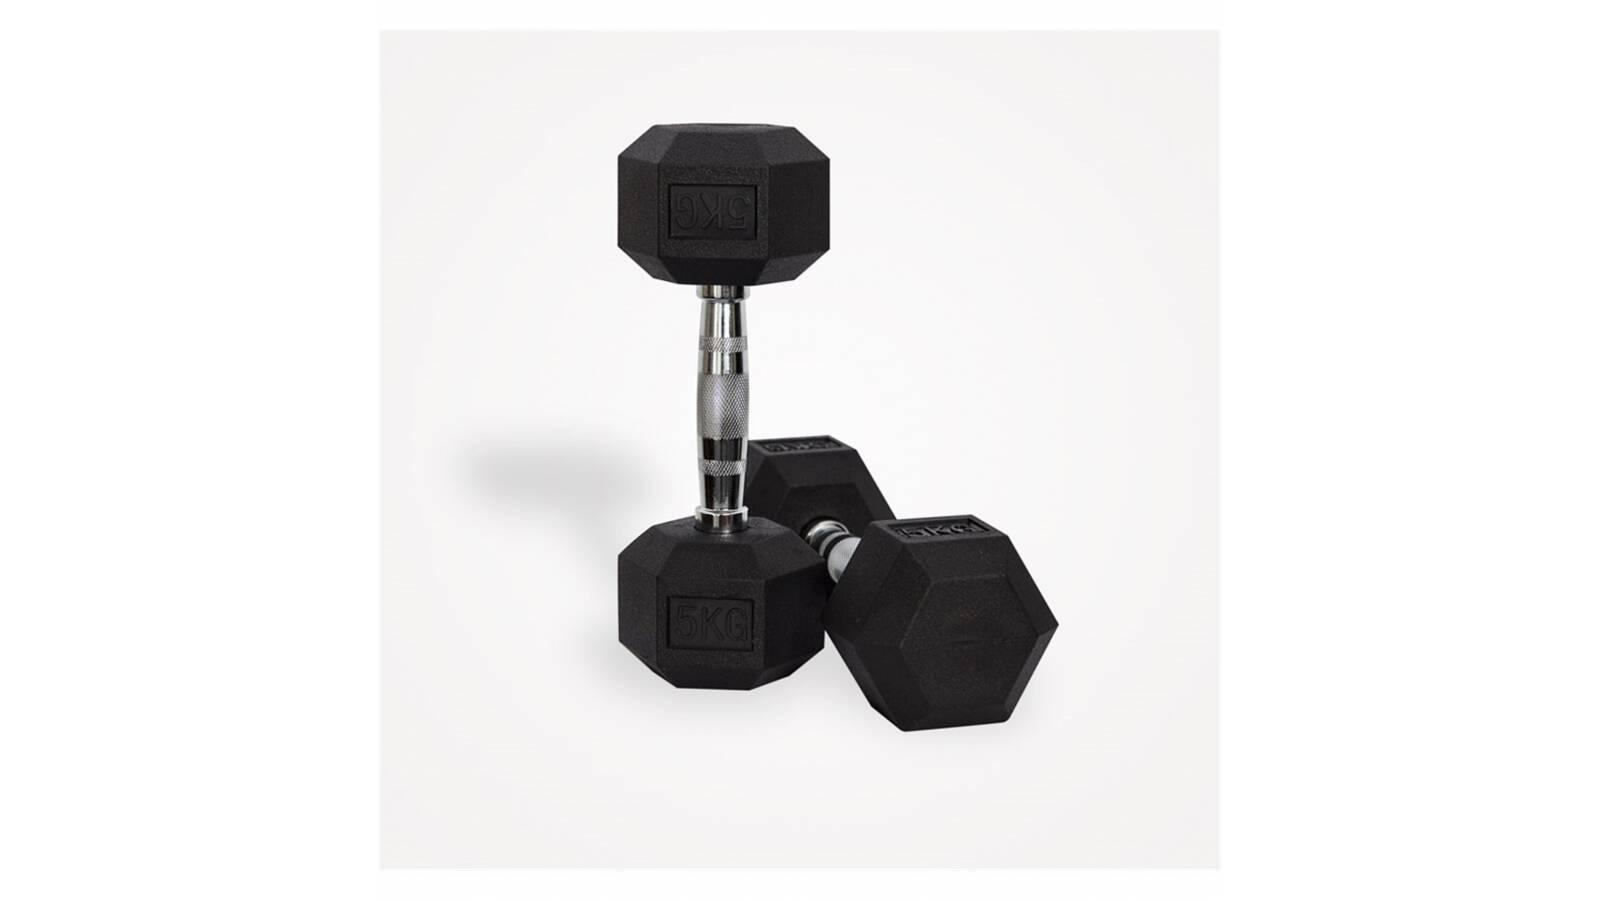 Mancuerna hexagonal fija de 5 kg - pesa pesas